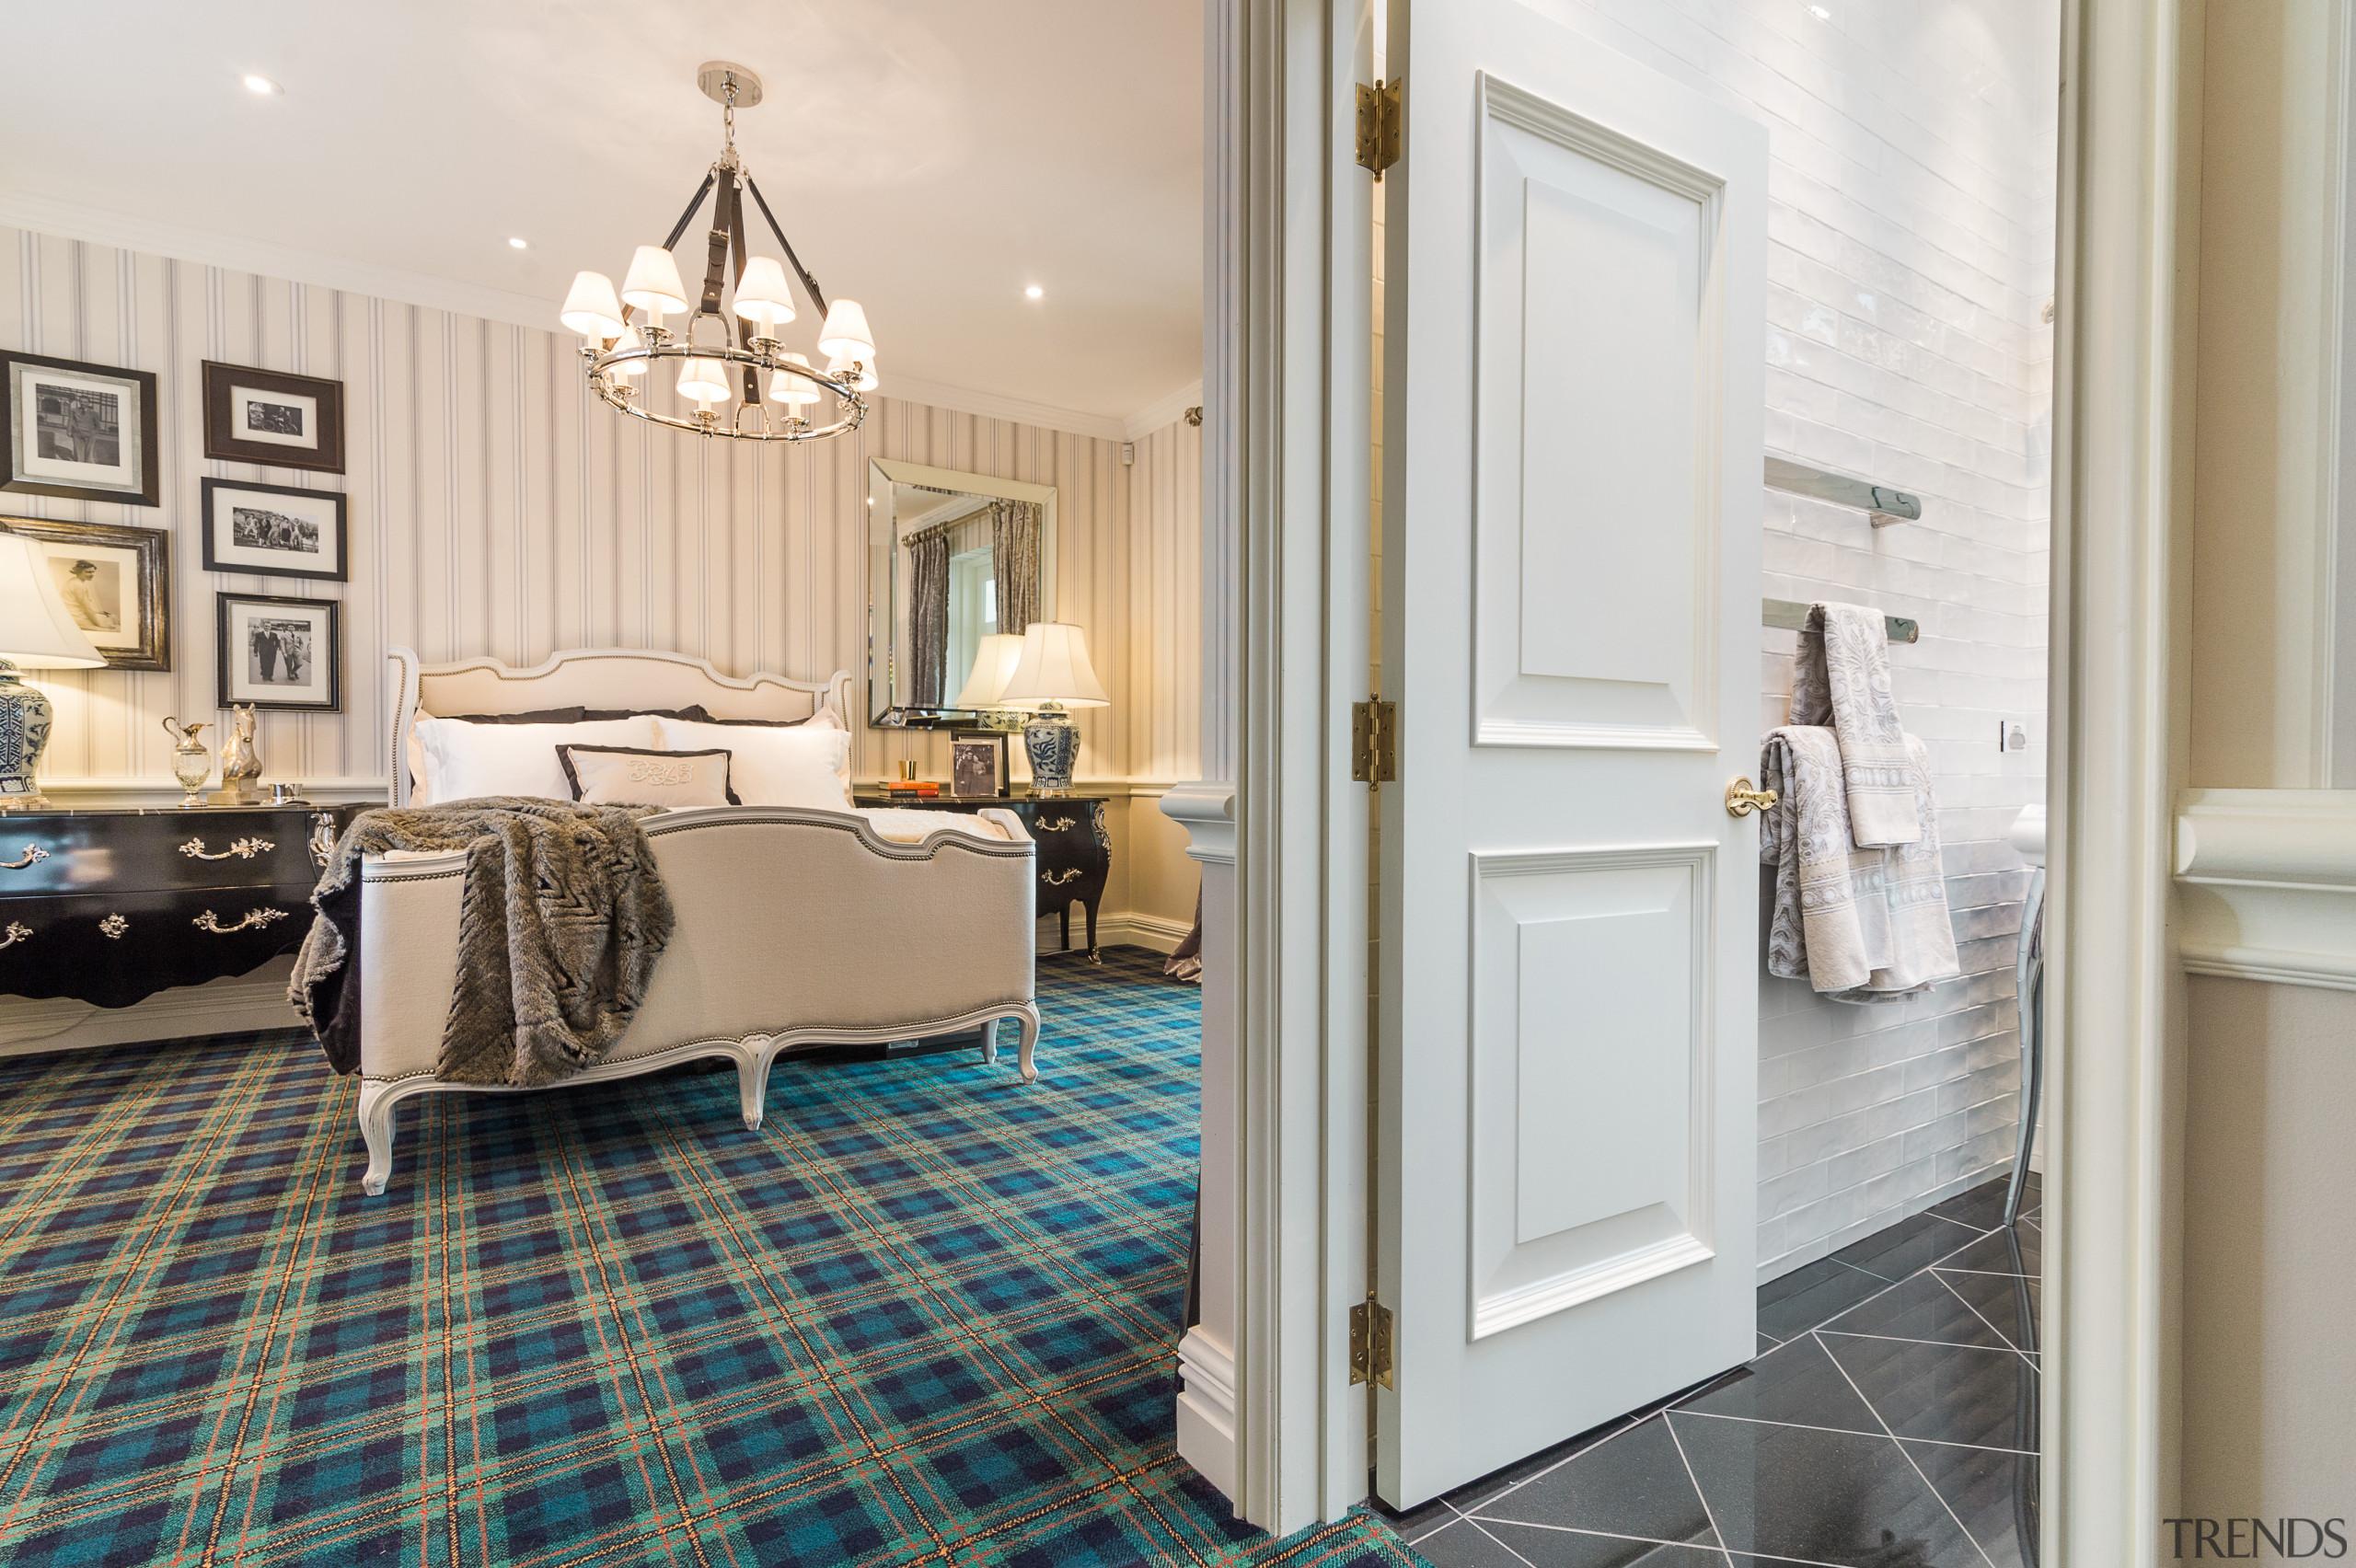 走出卫生间可以发现,其风格与外面的客卧是协调统一的。 ceiling, estate, floor, flooring, home, interior design, real estate, room, suite, wall, window, wood flooring, white, gray